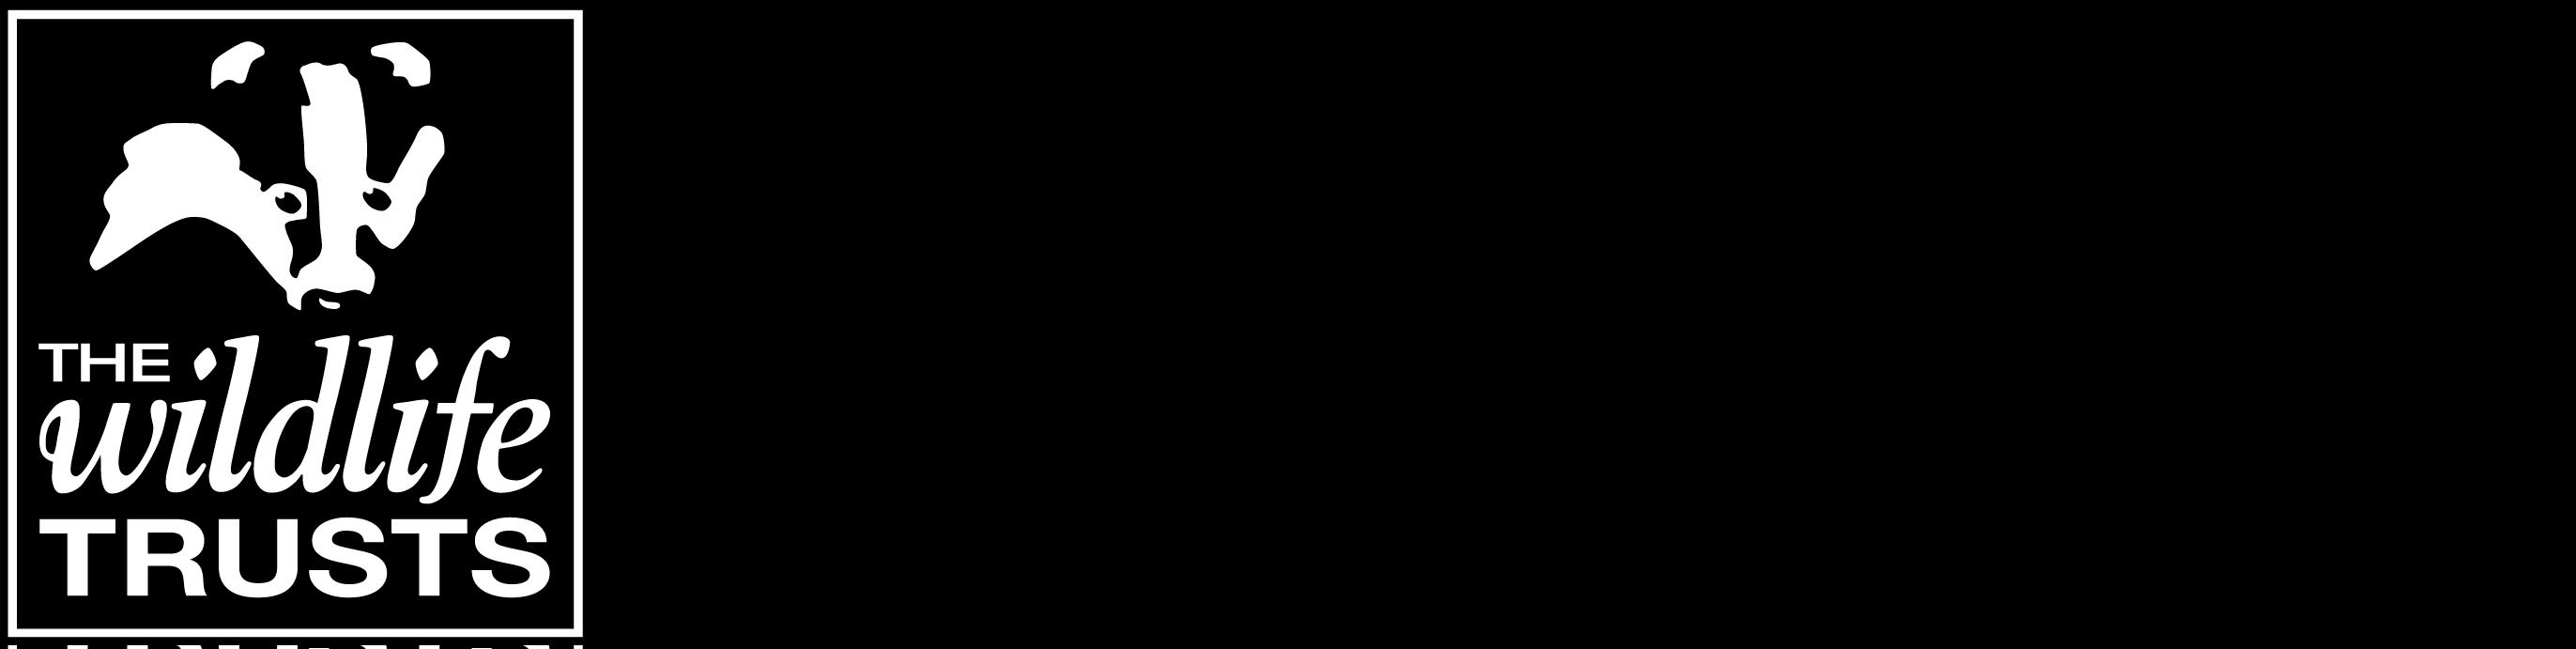 CWT Logo Landscape Left Aligned